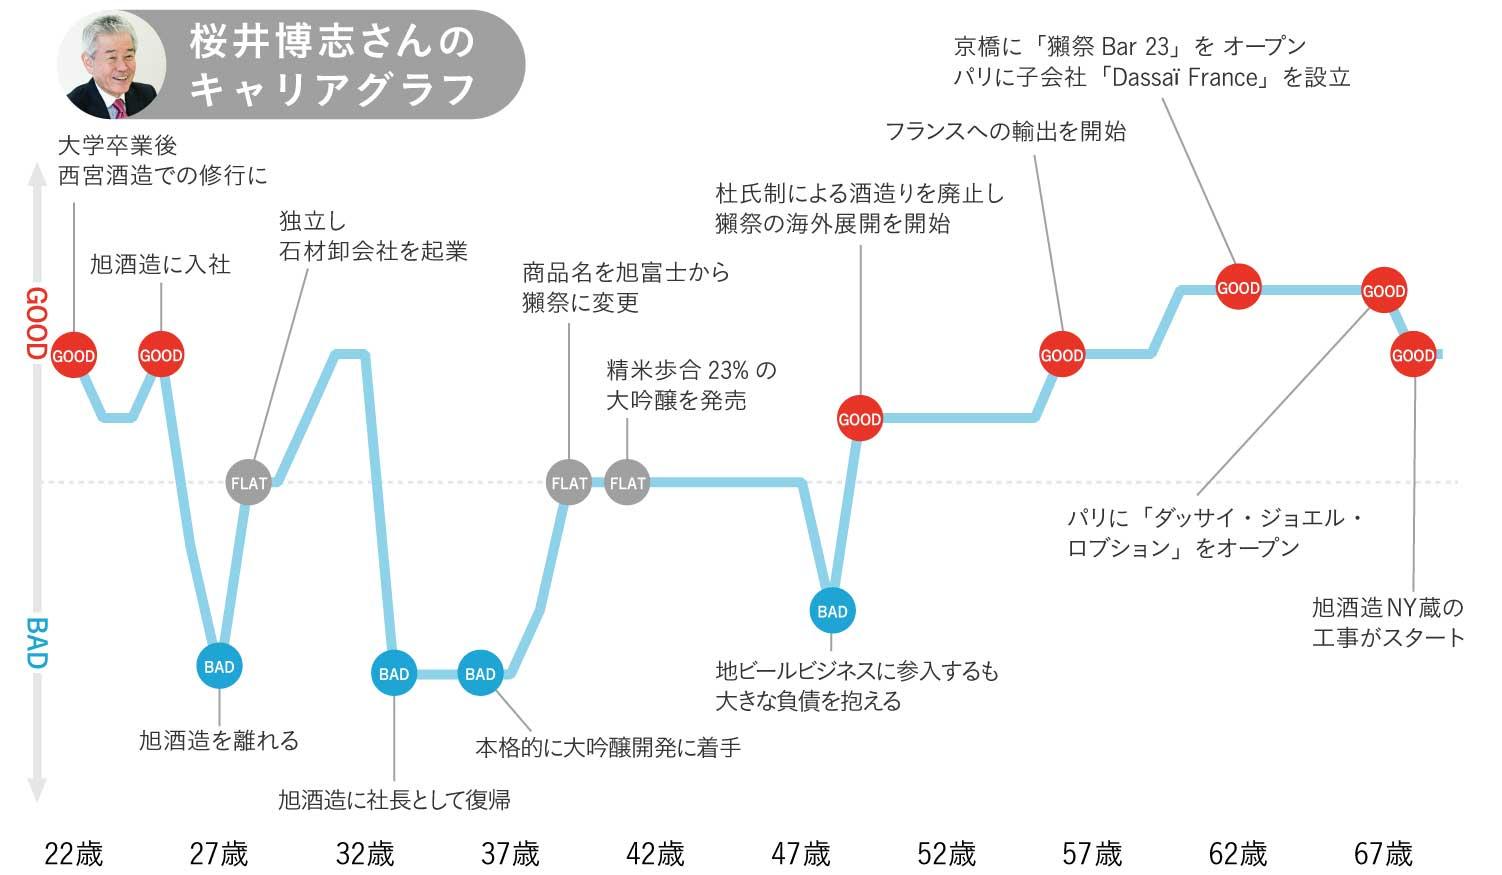 桜井博志さんのキャリアグラフ1